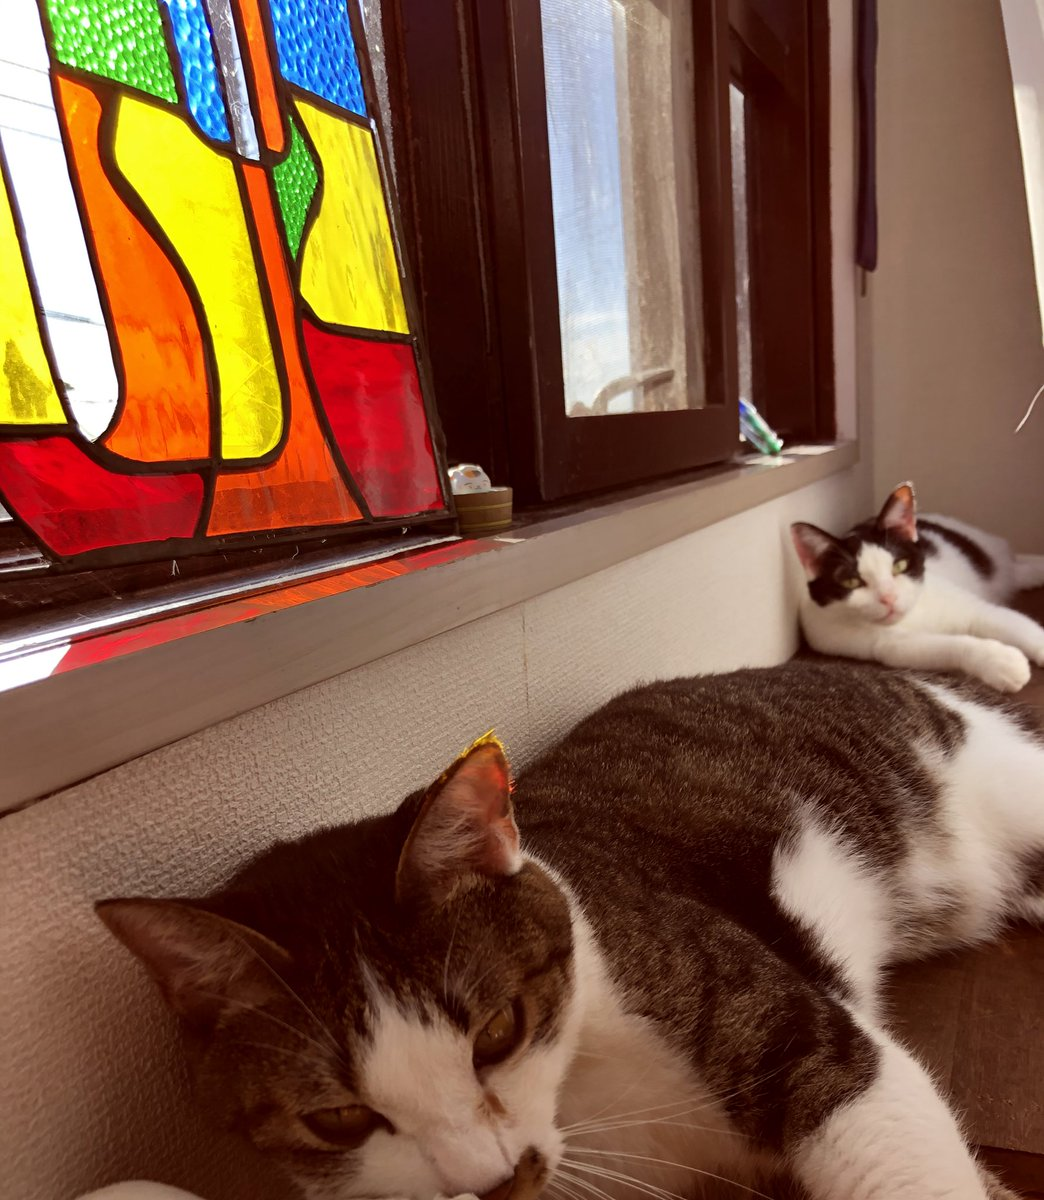 #ひとこと朝宣言 9/12 Σήμερα δουλεύω. 今日は外出支援の仕事。・🇬🇷宿題と単語、easy Greek音読・🇨🇳読解◯&リスニング問題&単語・duo暗唱、dmm英会話・ヨガ朝勉は🇨🇳読解問題のみ。写真はカーテンと窓の間の猫🐈